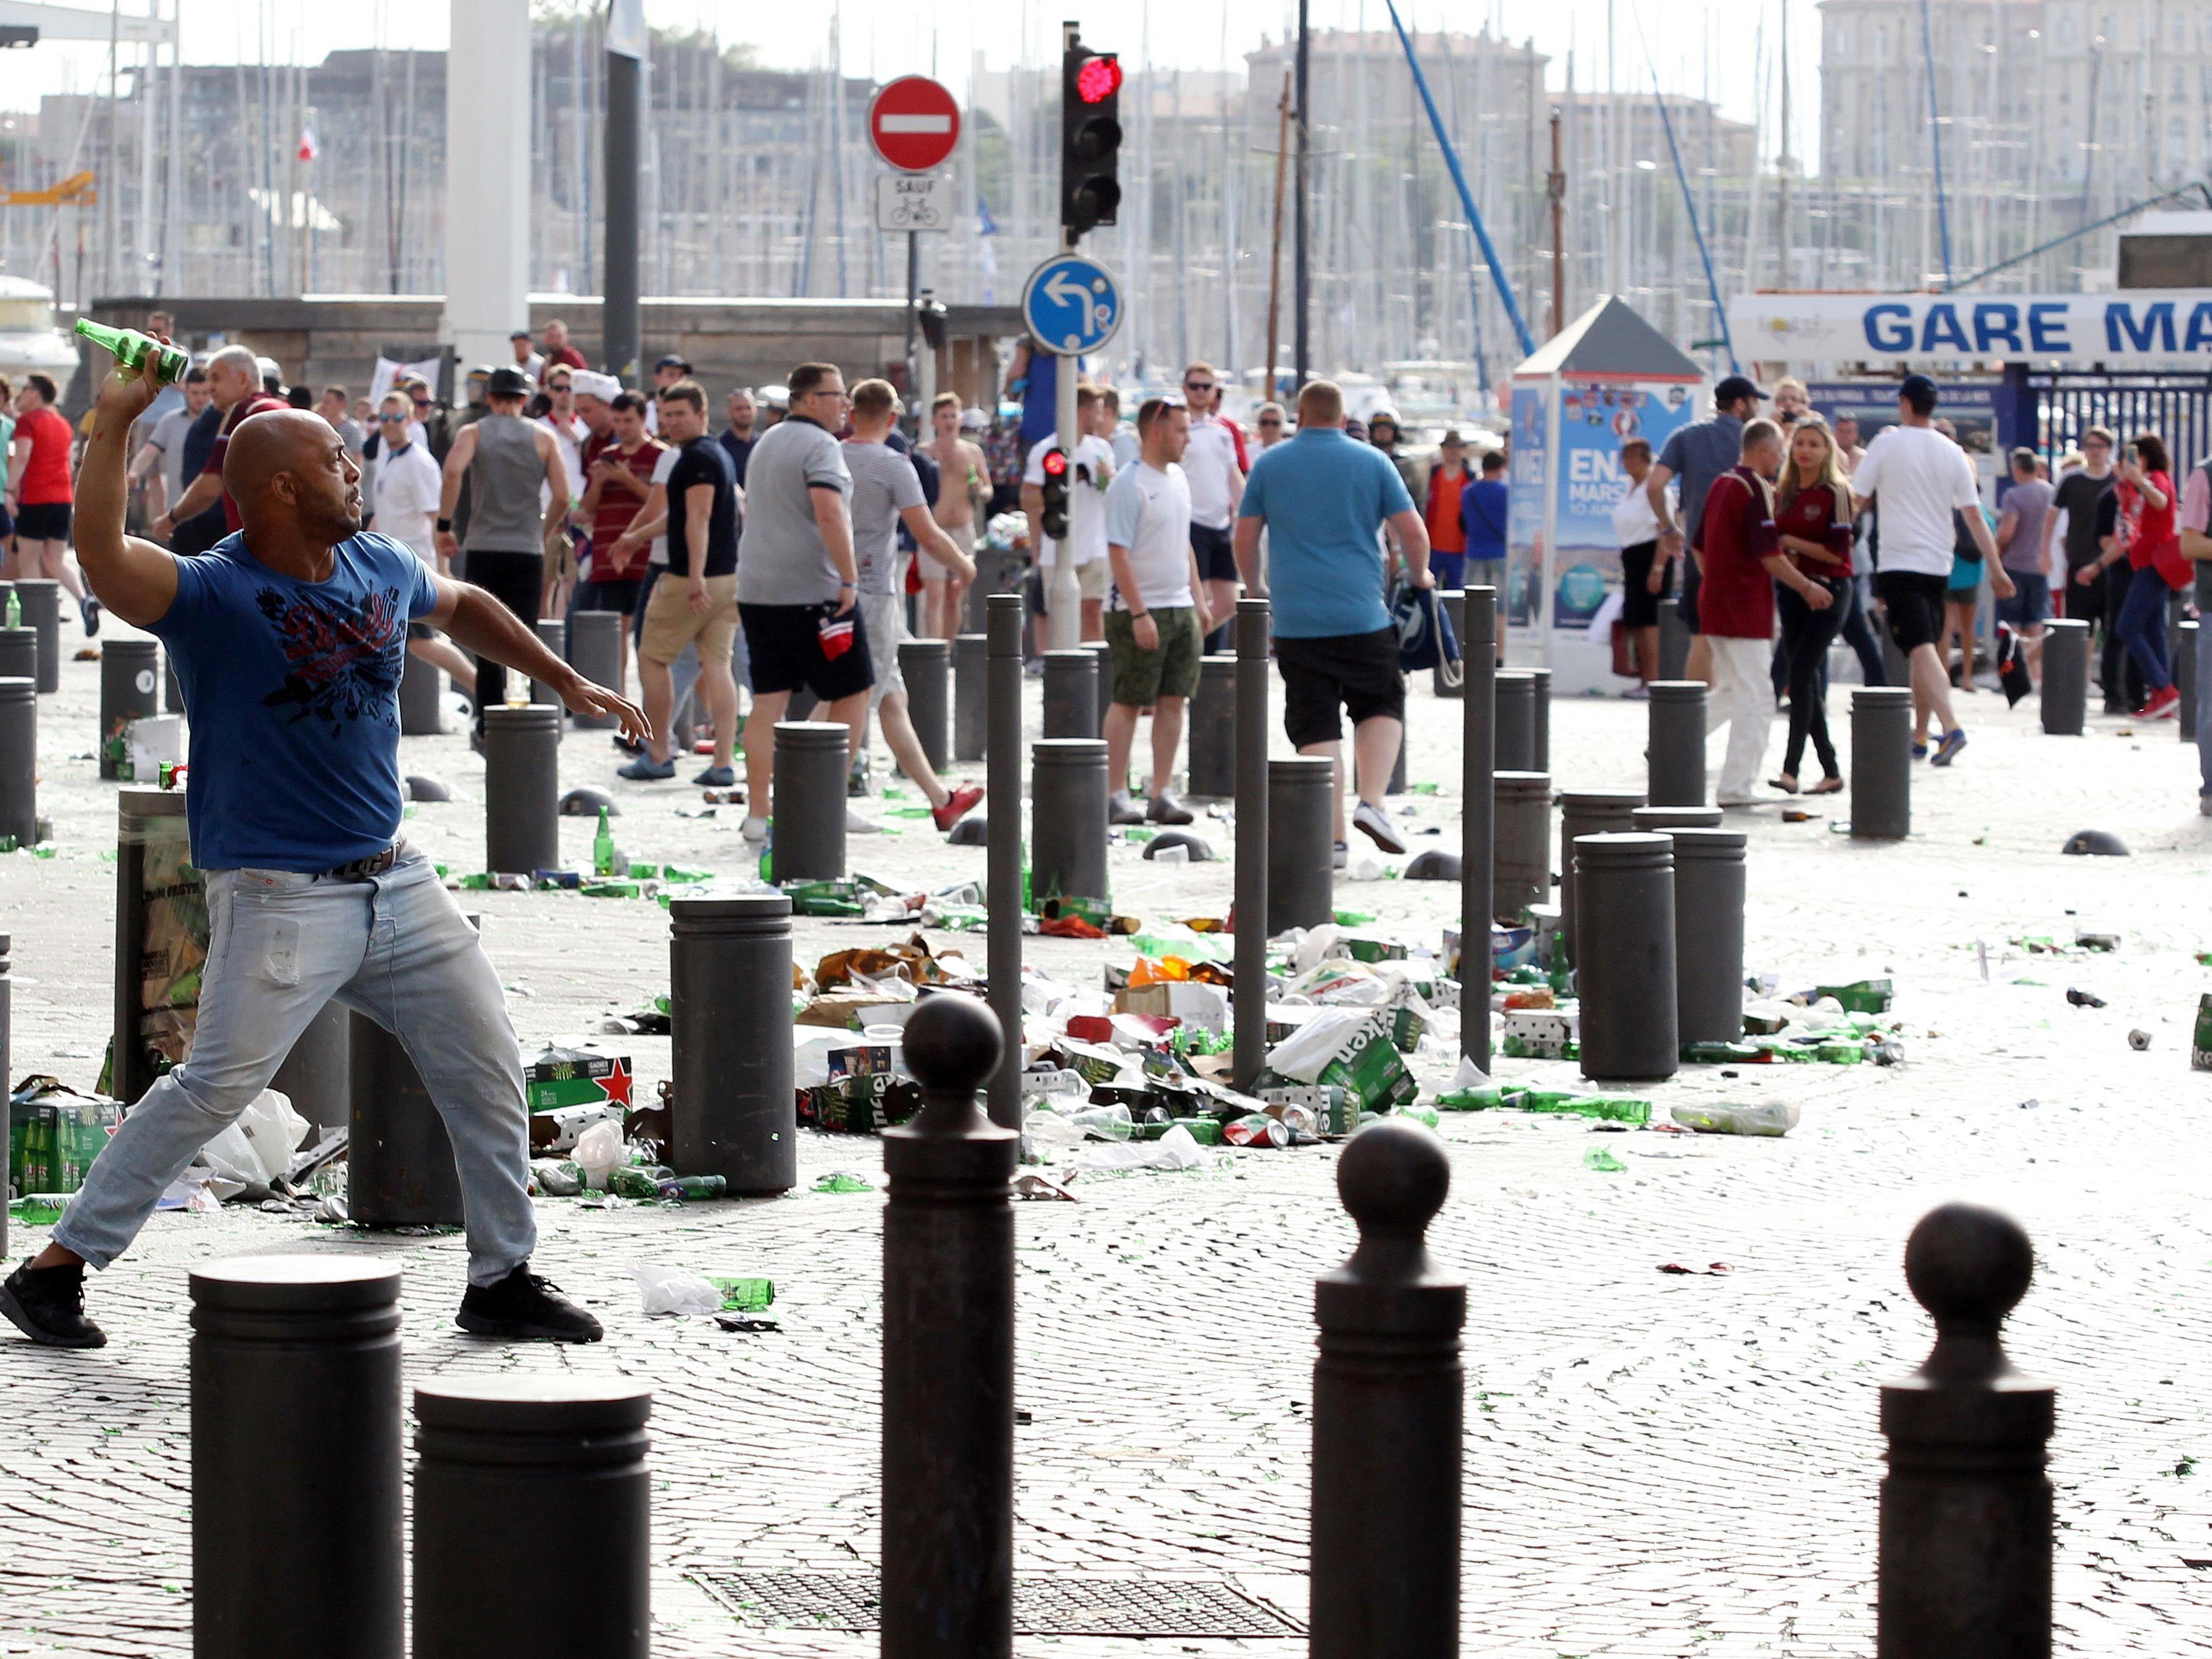 Szenen der Ausschreitungen am Samstag in Marseille.